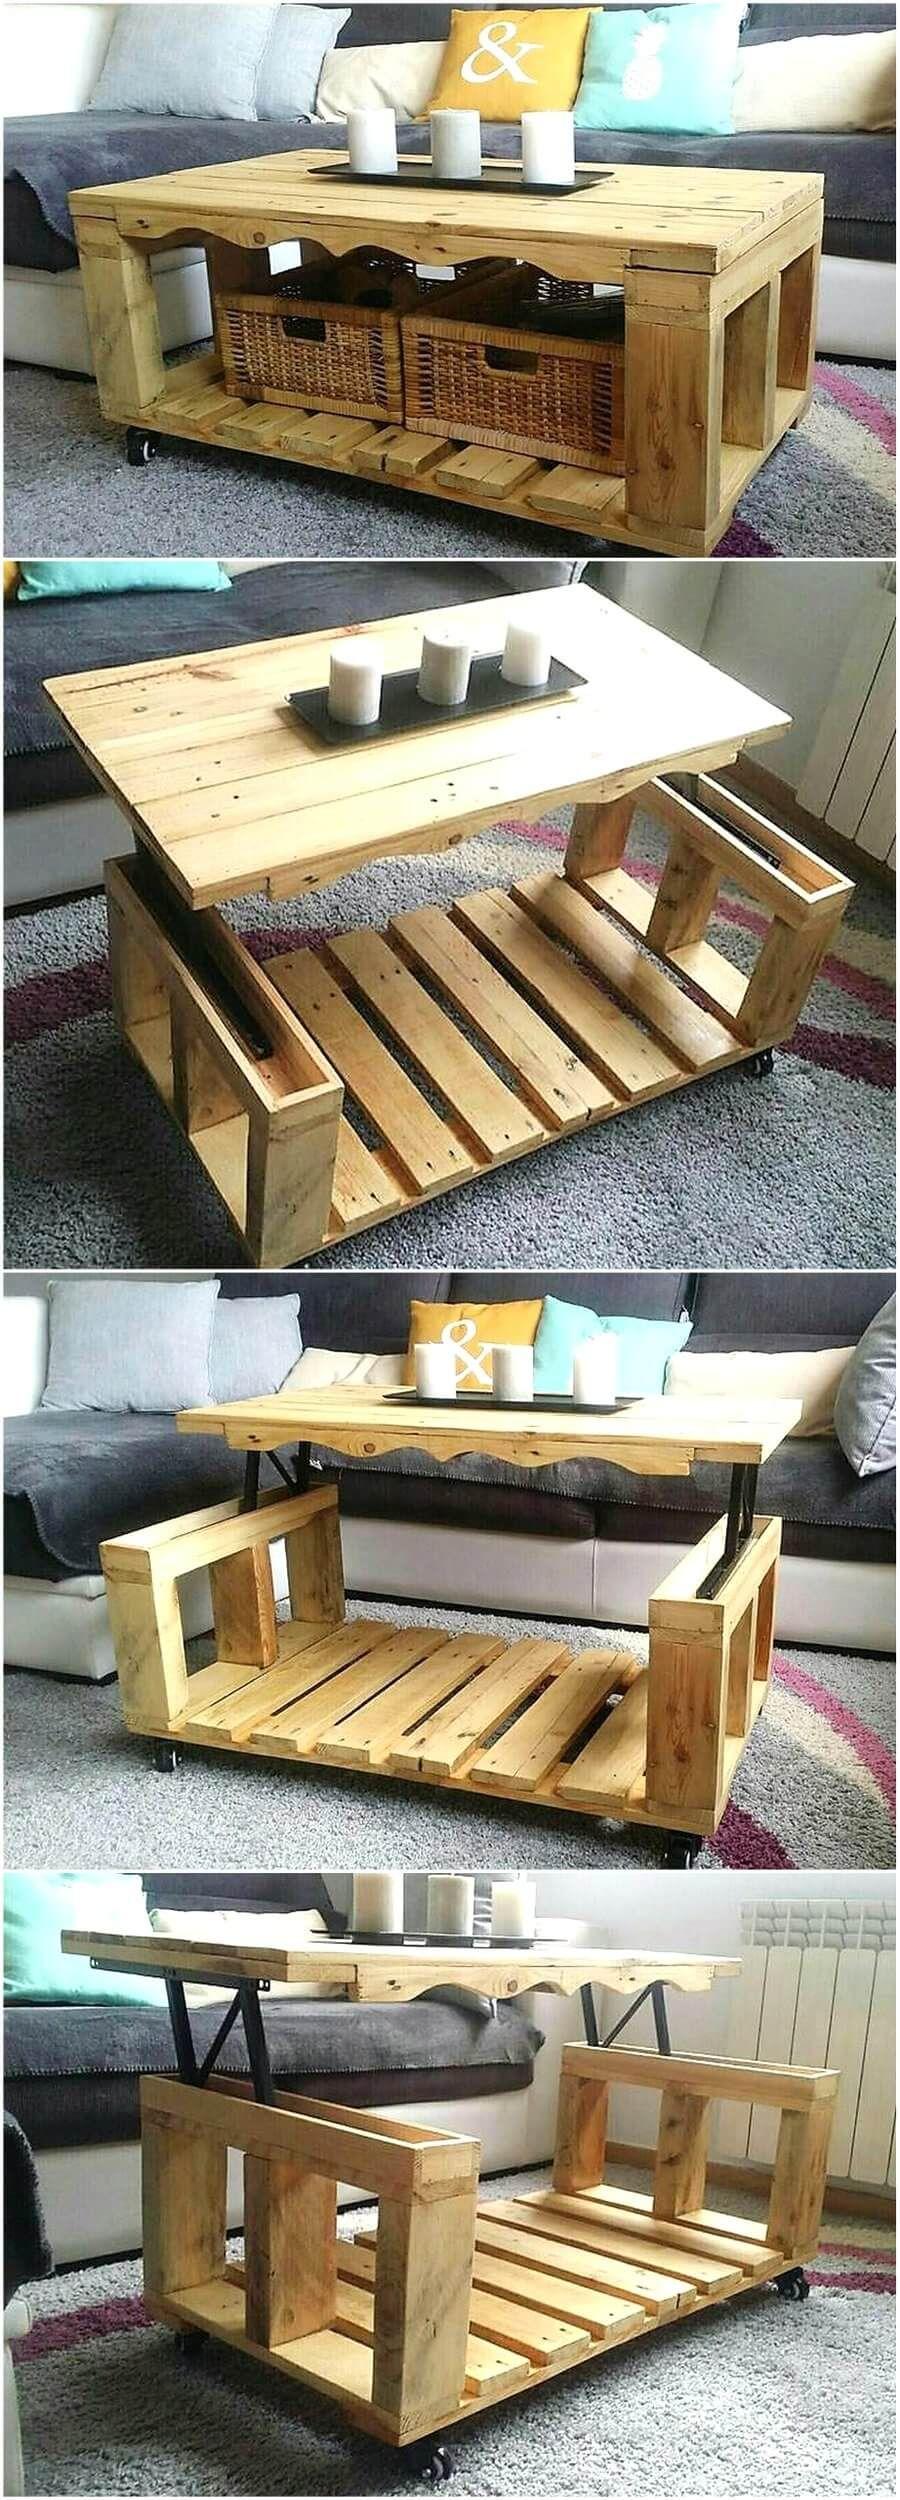 Repurposed Wood Pallets Lift Top Coffee Table Möbel Aus Paletten Couchtisch Design Couchtisch Palette